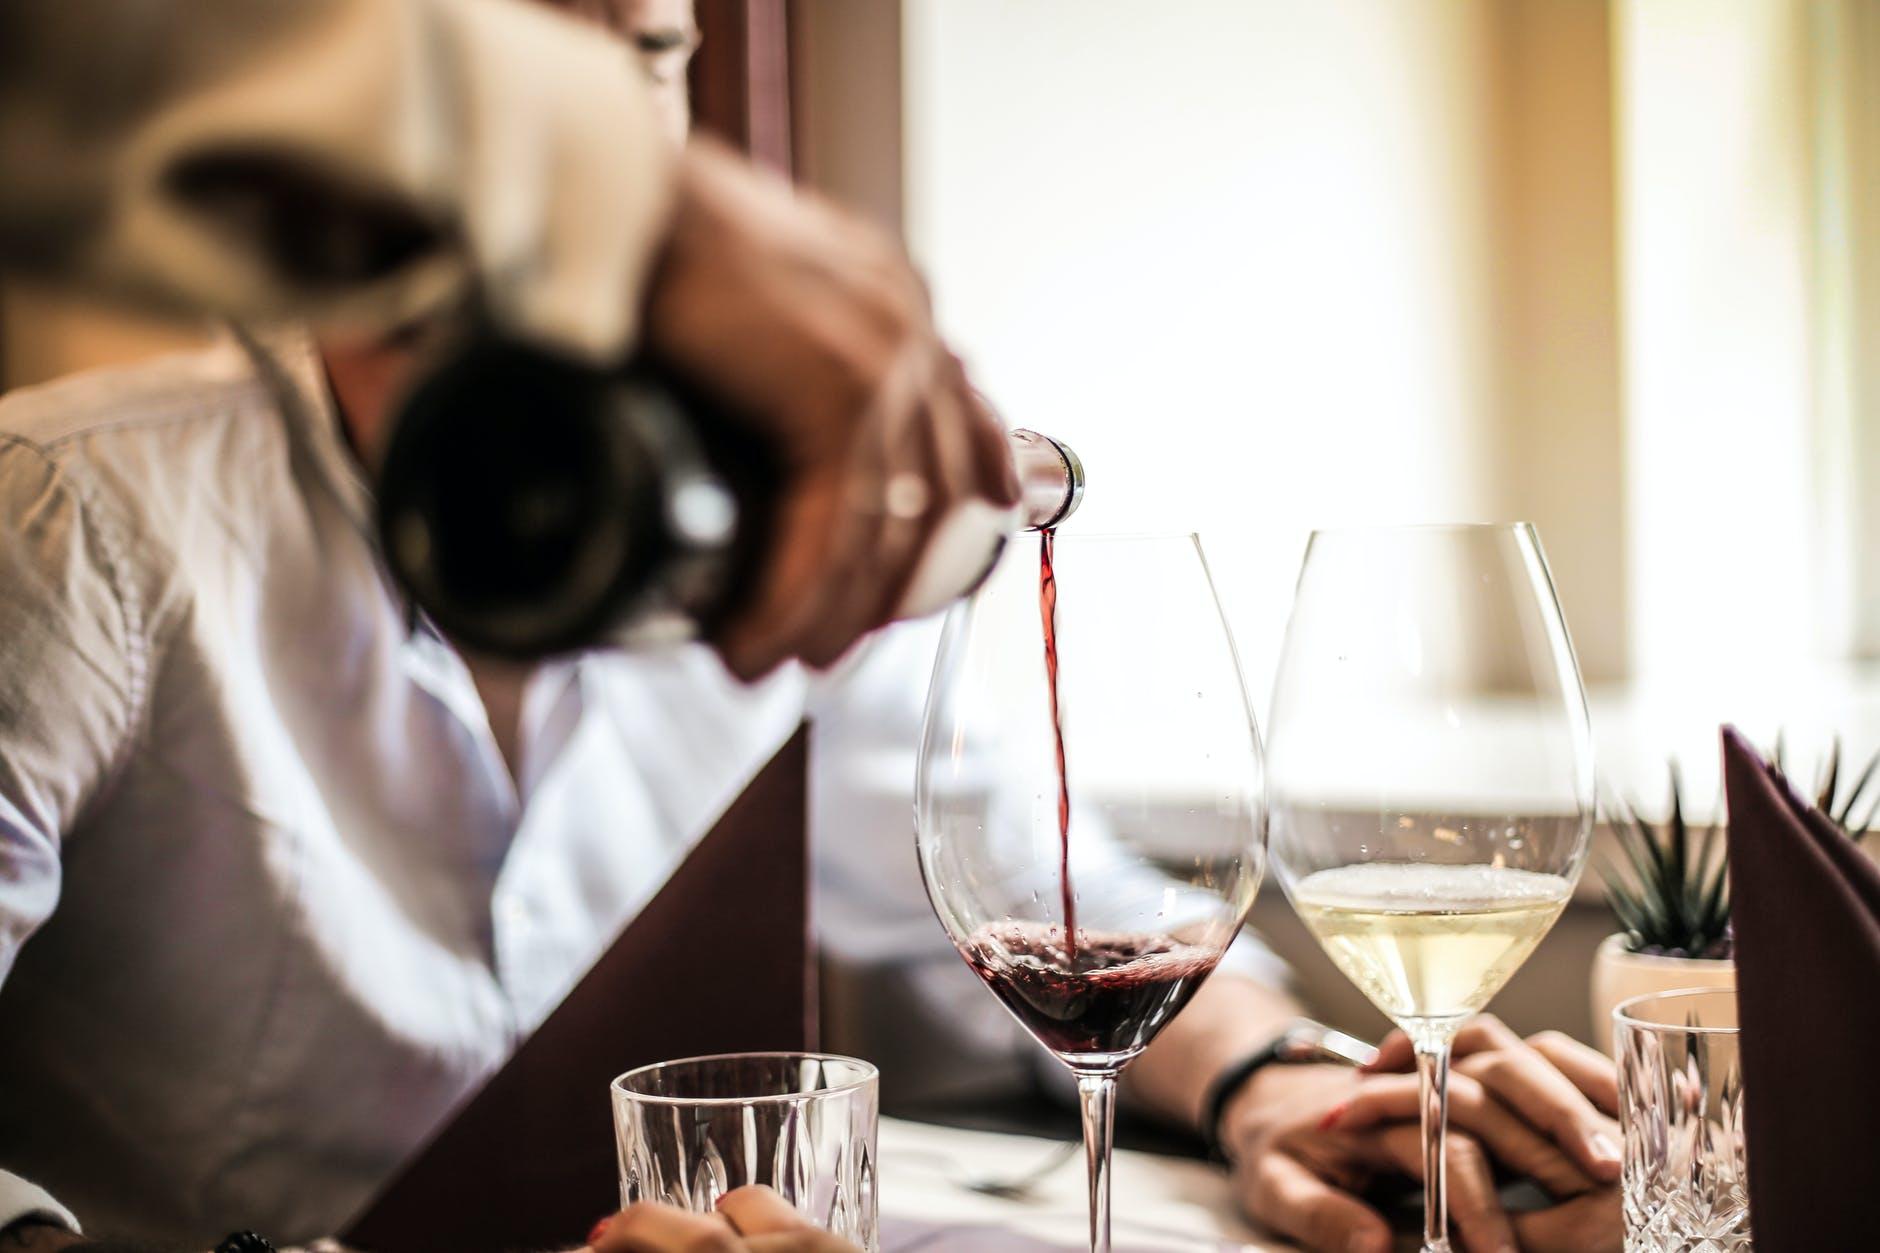 Mesero sirviendo vino en copas